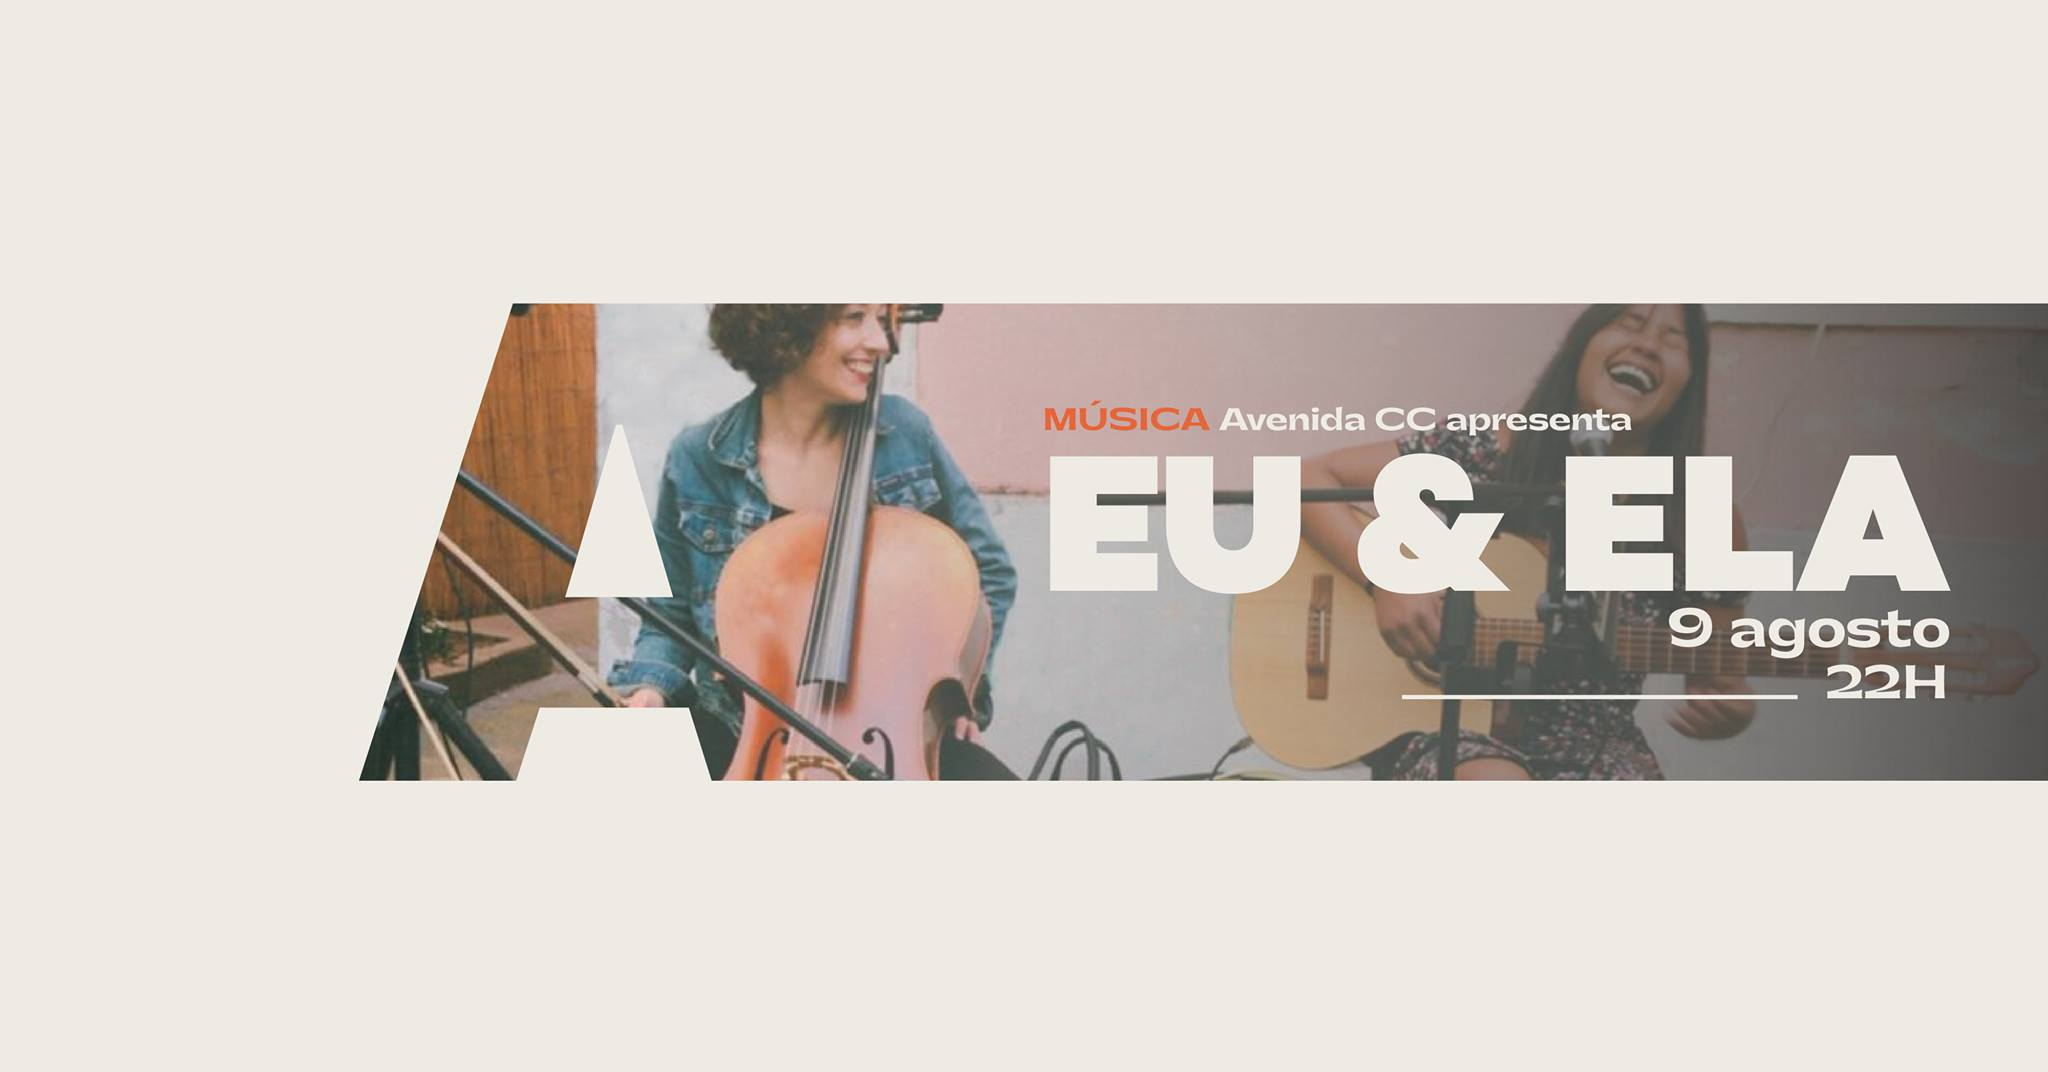 Avenida CC apresenta Eu & Ela @Avenida Café-Concerto